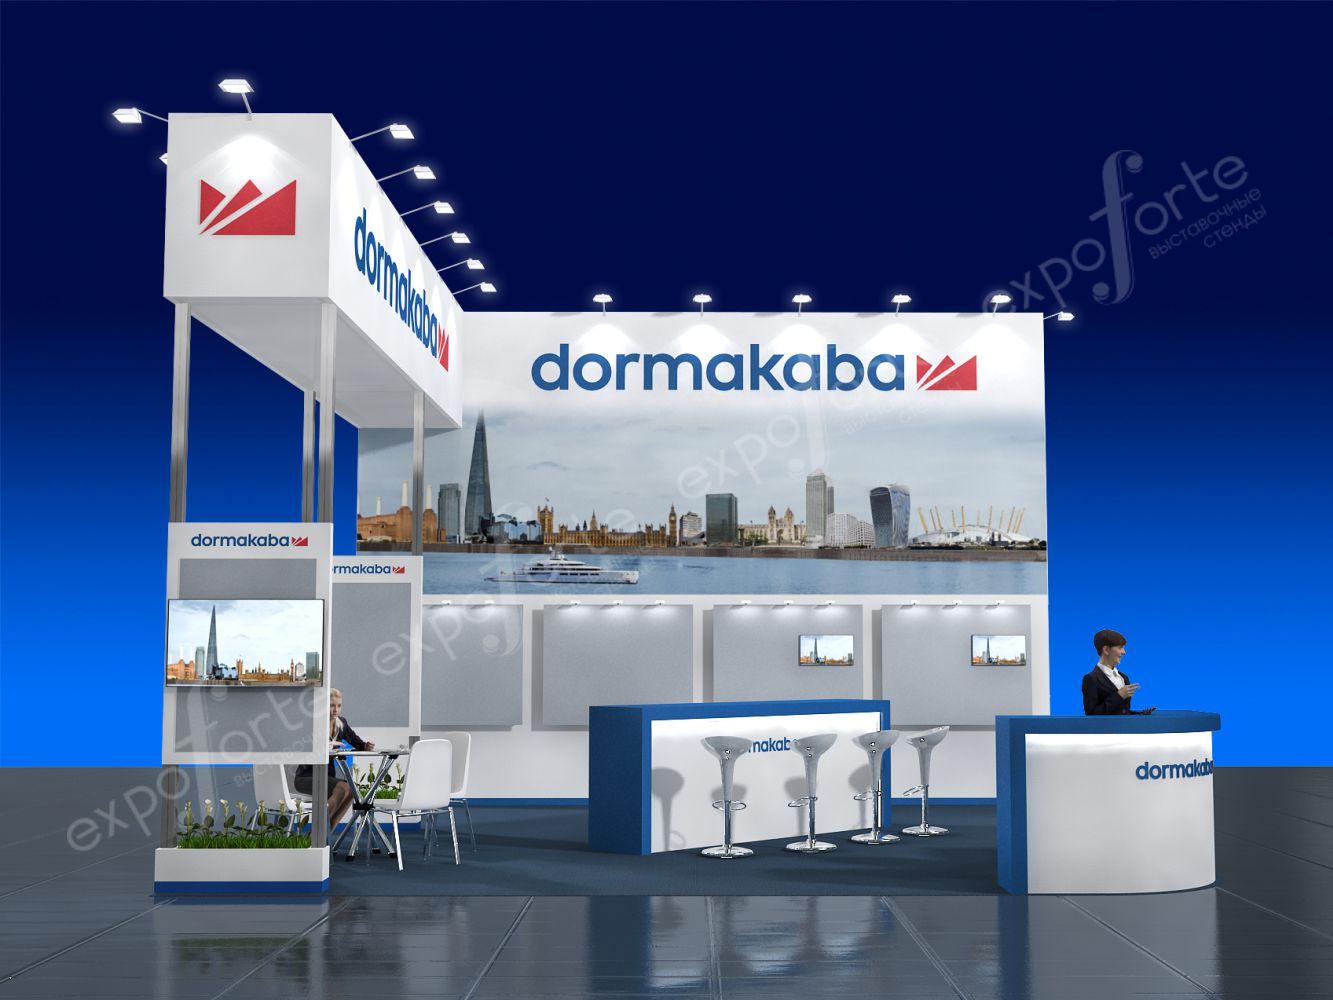 Фото: domakaba, выставка MIPS – картинка 3